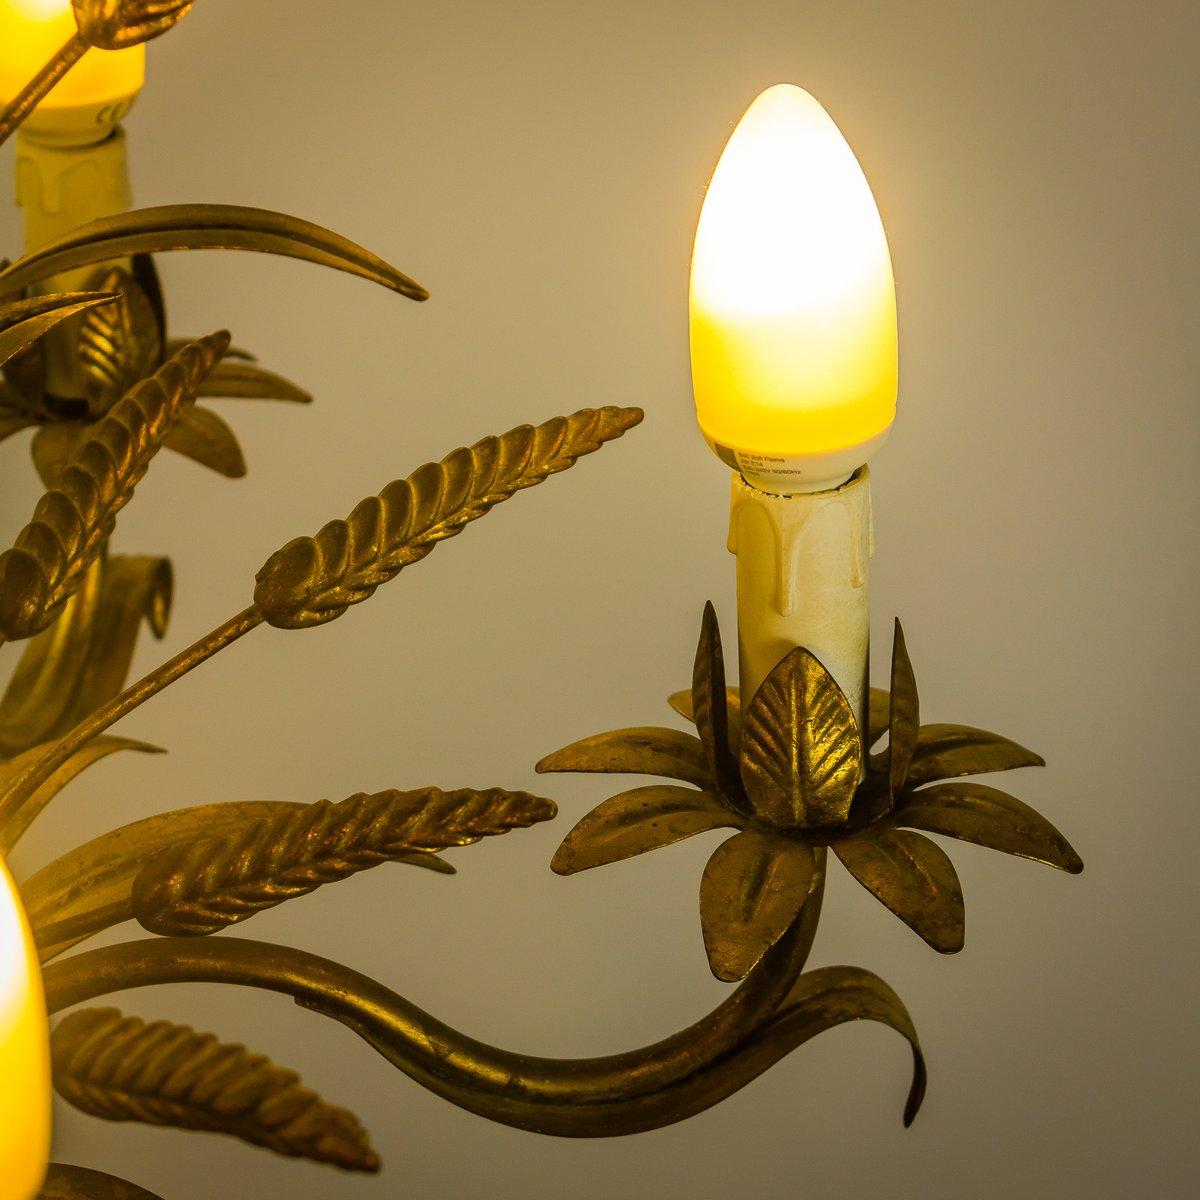 vergoldeter mid century metall kronleuchter in weizenoptik von masca bei pamono kaufen. Black Bedroom Furniture Sets. Home Design Ideas